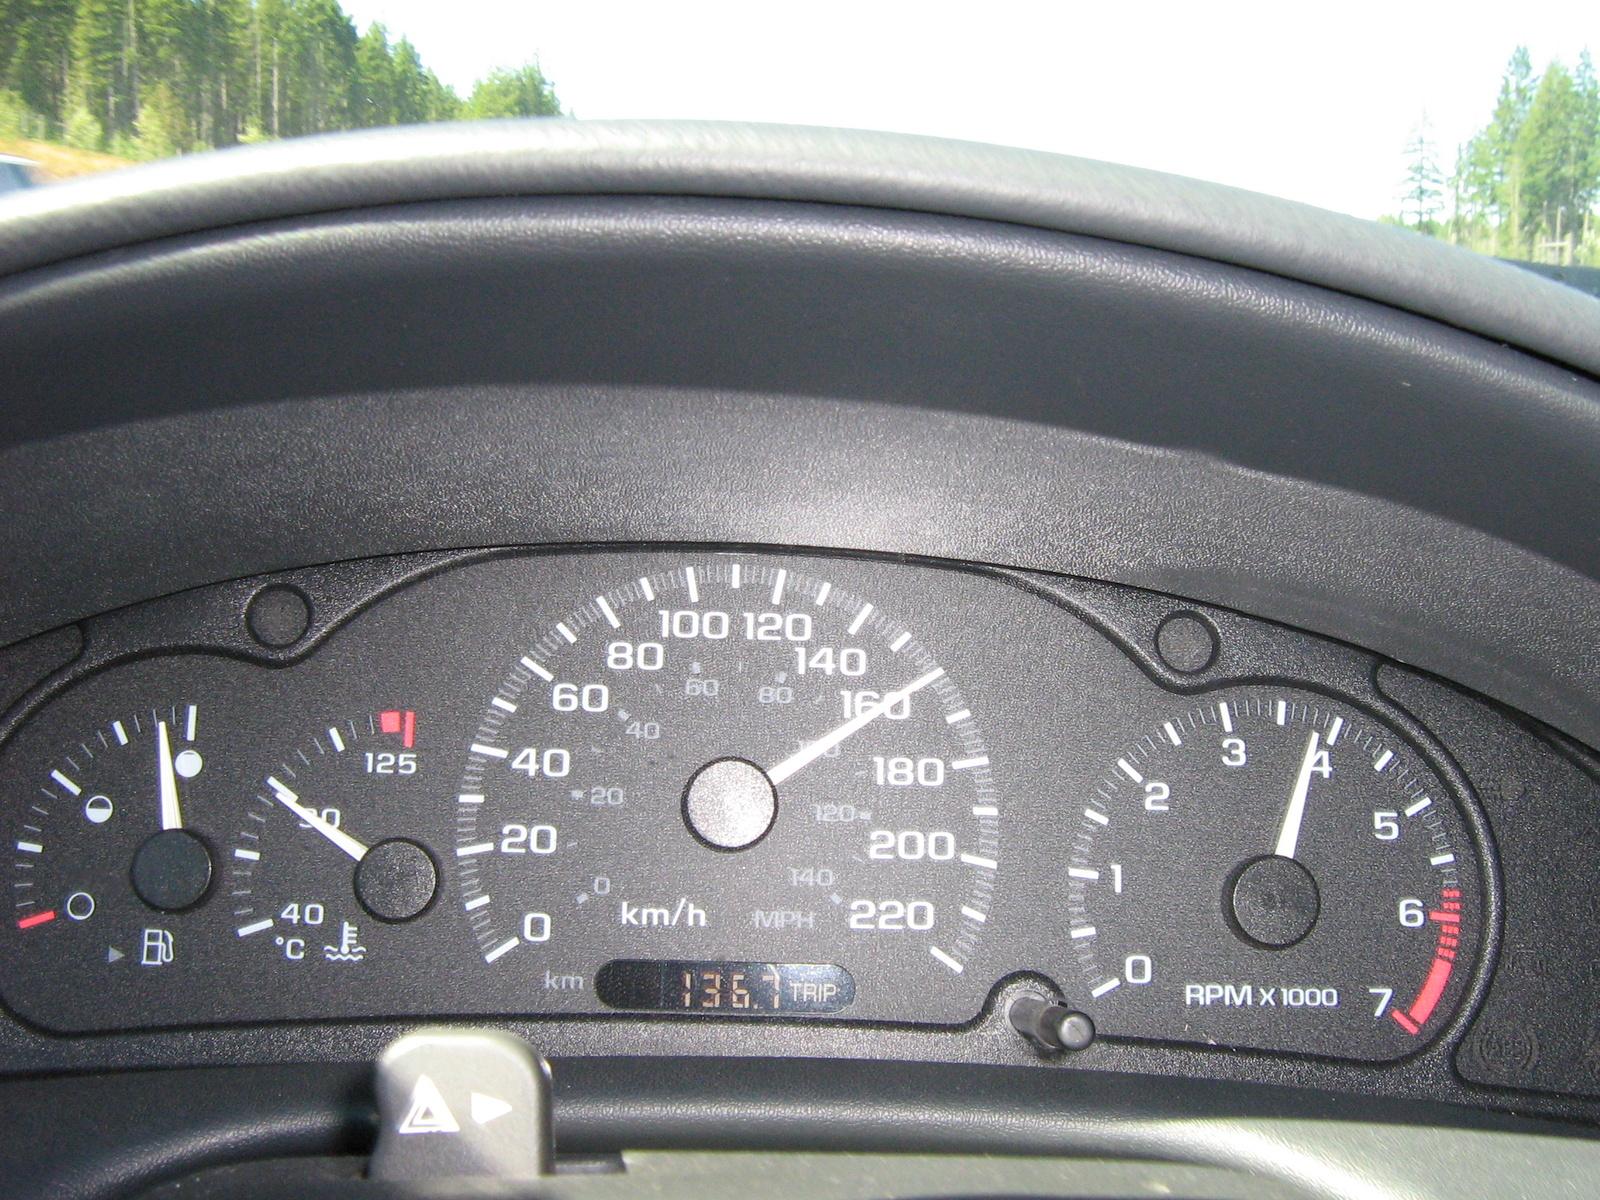 chevrolet cavalier ls sport coupe gr8autophoto com chevrolet cavalier ls sport coupe gr8autophoto com